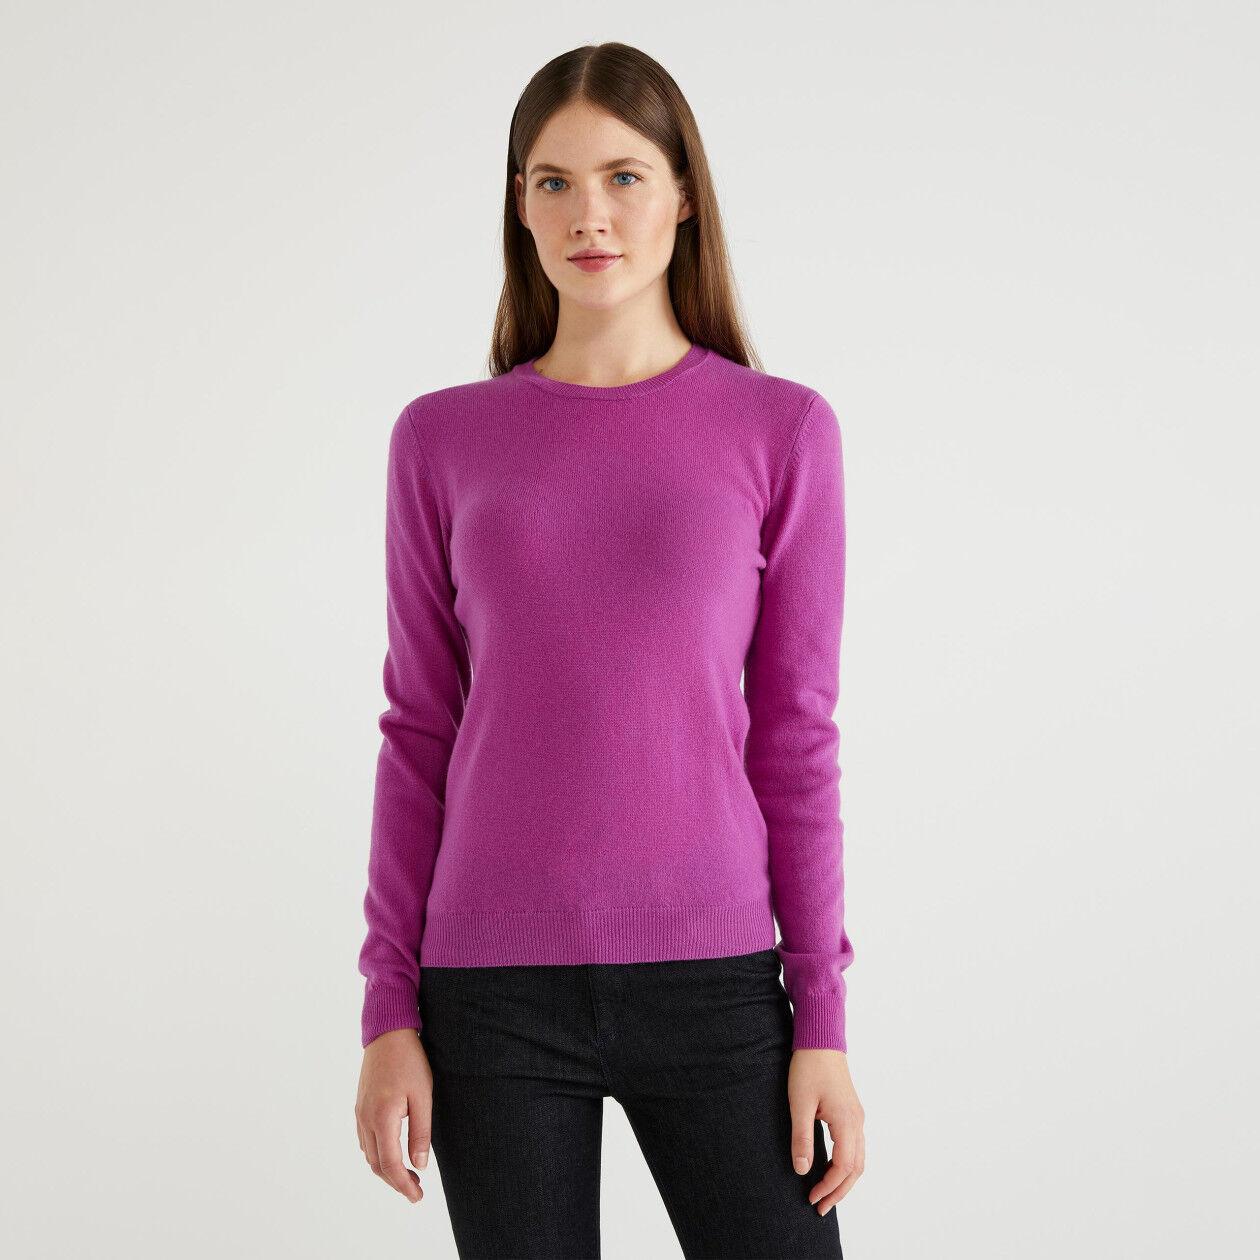 Μπλούζα με λαιμόκοψη 100% παρθένο μαλλί